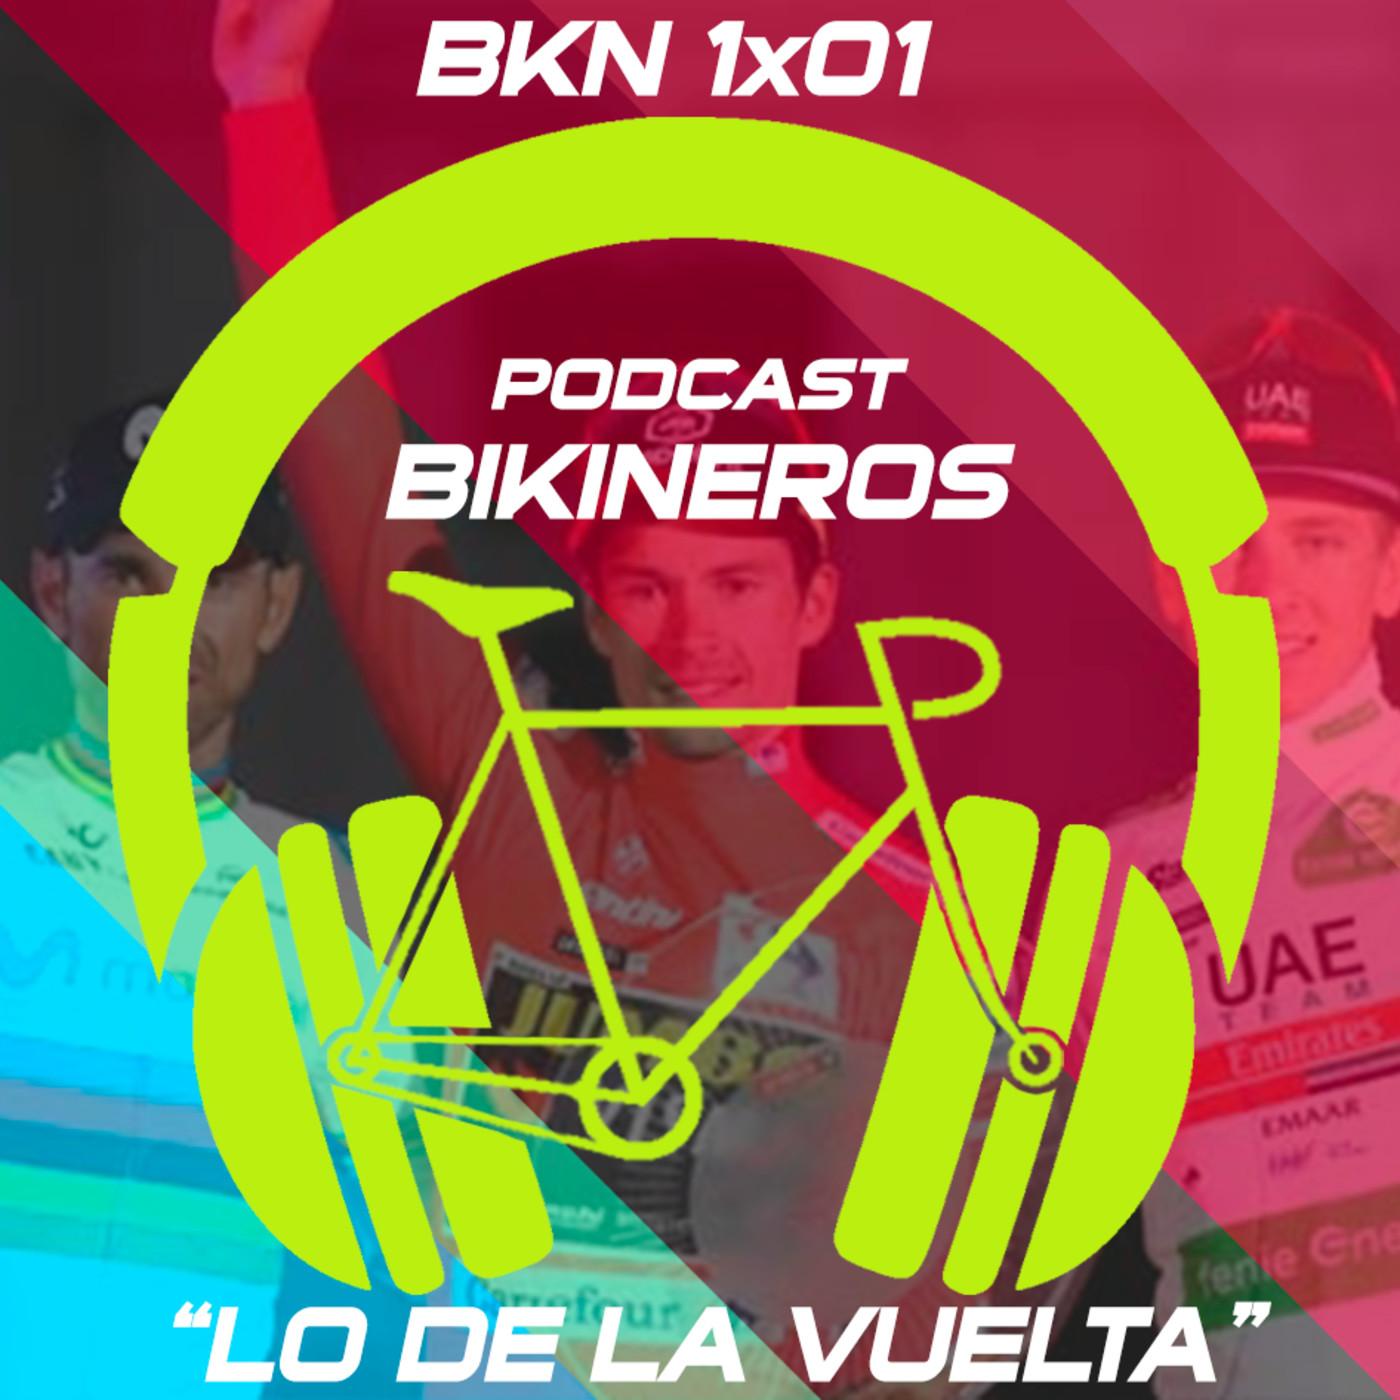 BKN 1x01: Lo de La Vuelta 2019 y comienzo de esta mierda